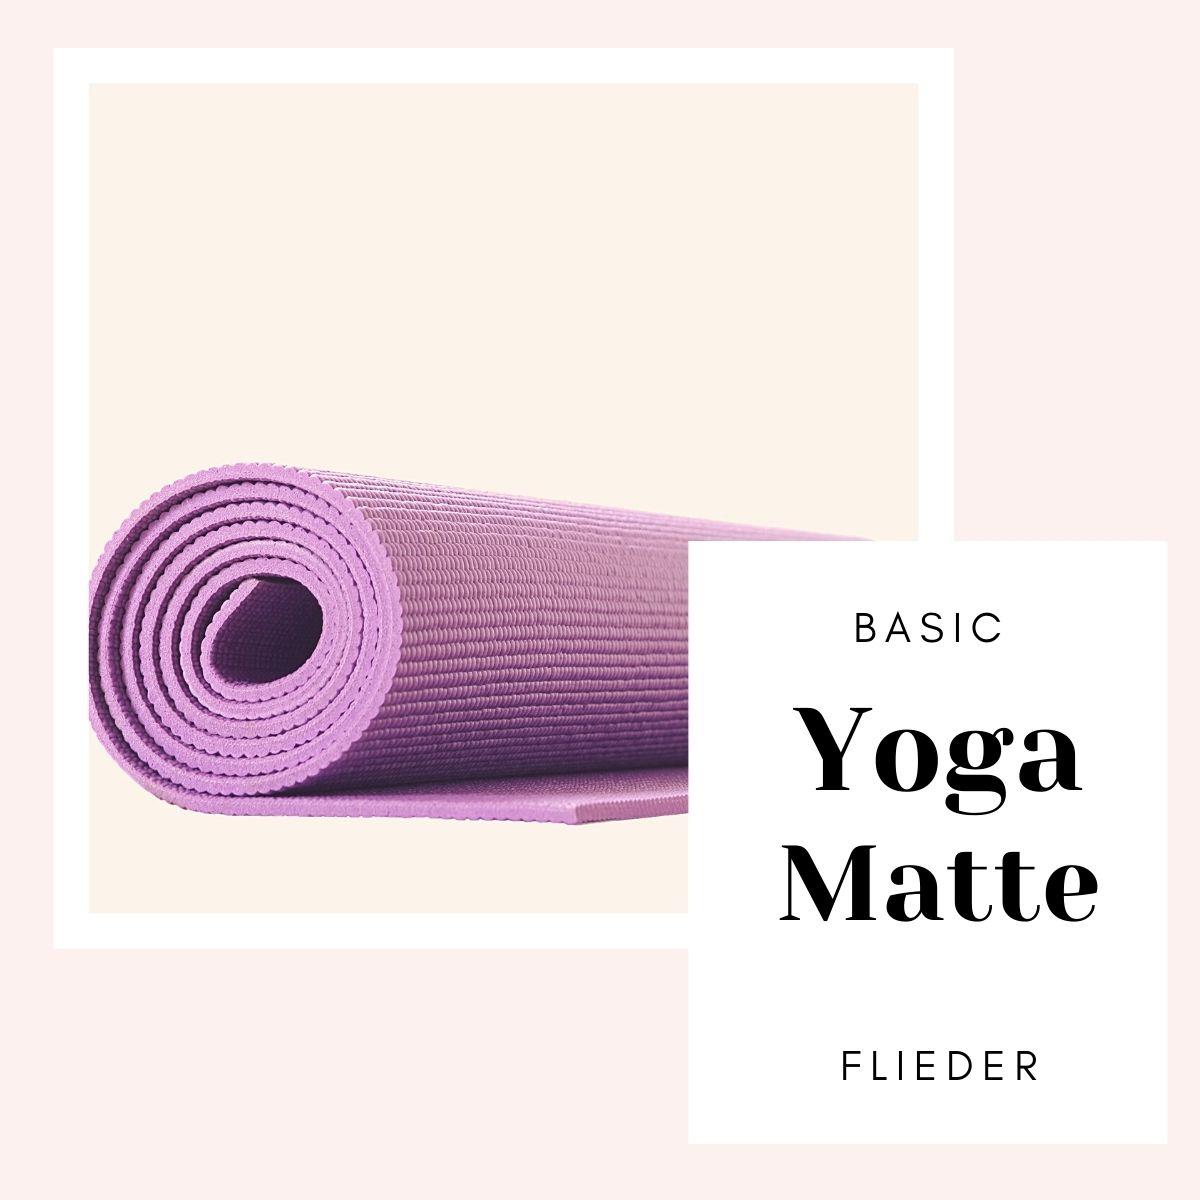 yoga-matte-basic-flieder-freiburg